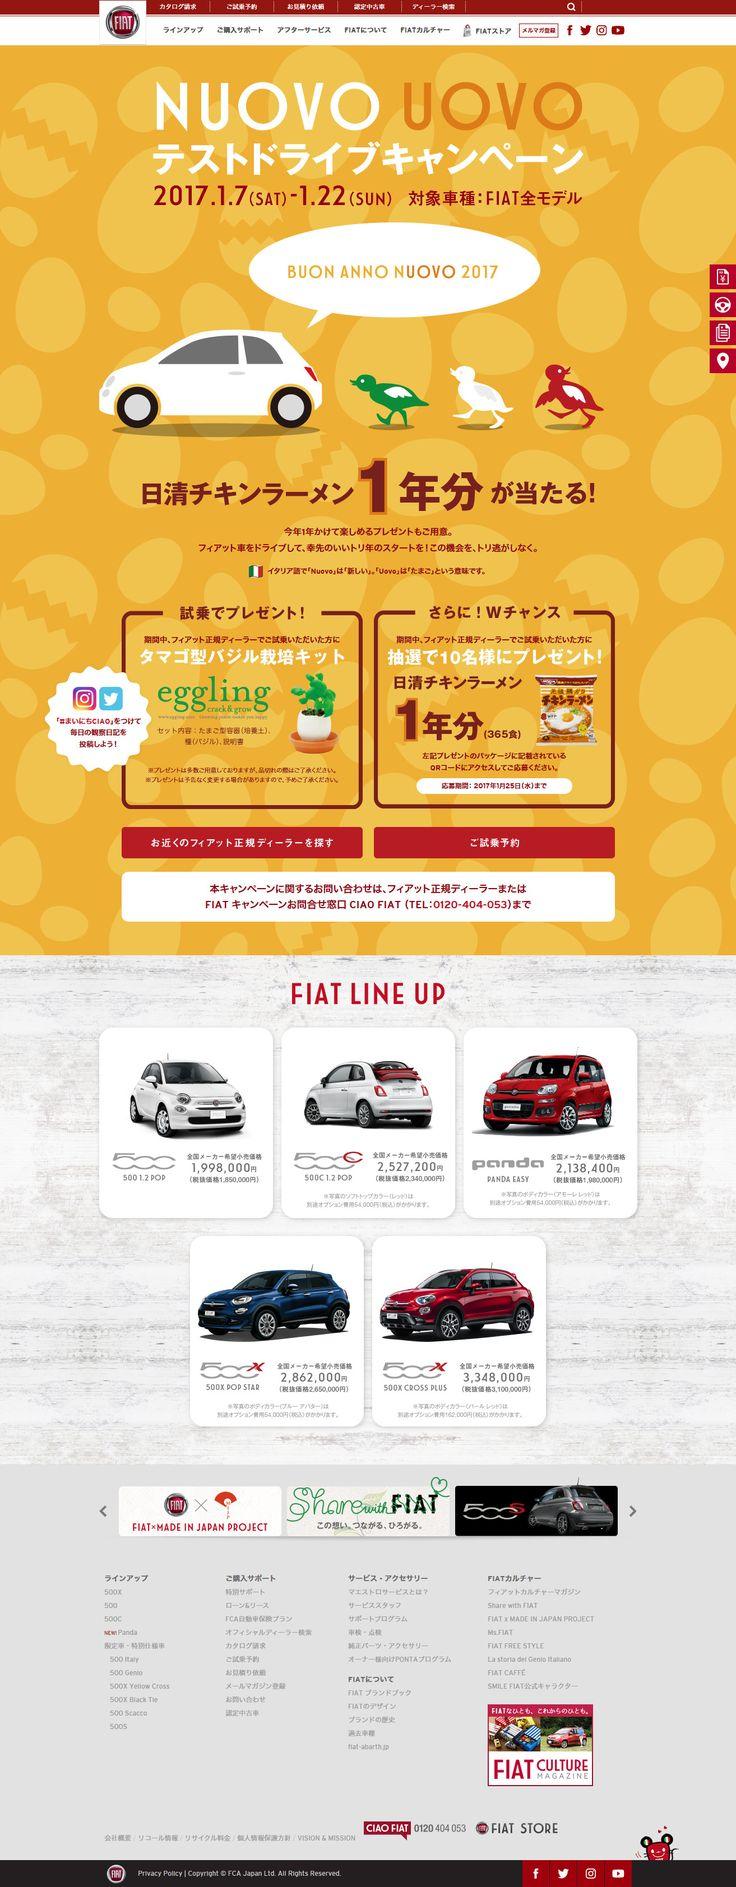 NUOVO UOVO テストドライブキャンペーン www.fiat-auto.co.jp/campaign/nuovouovo_testdrive/